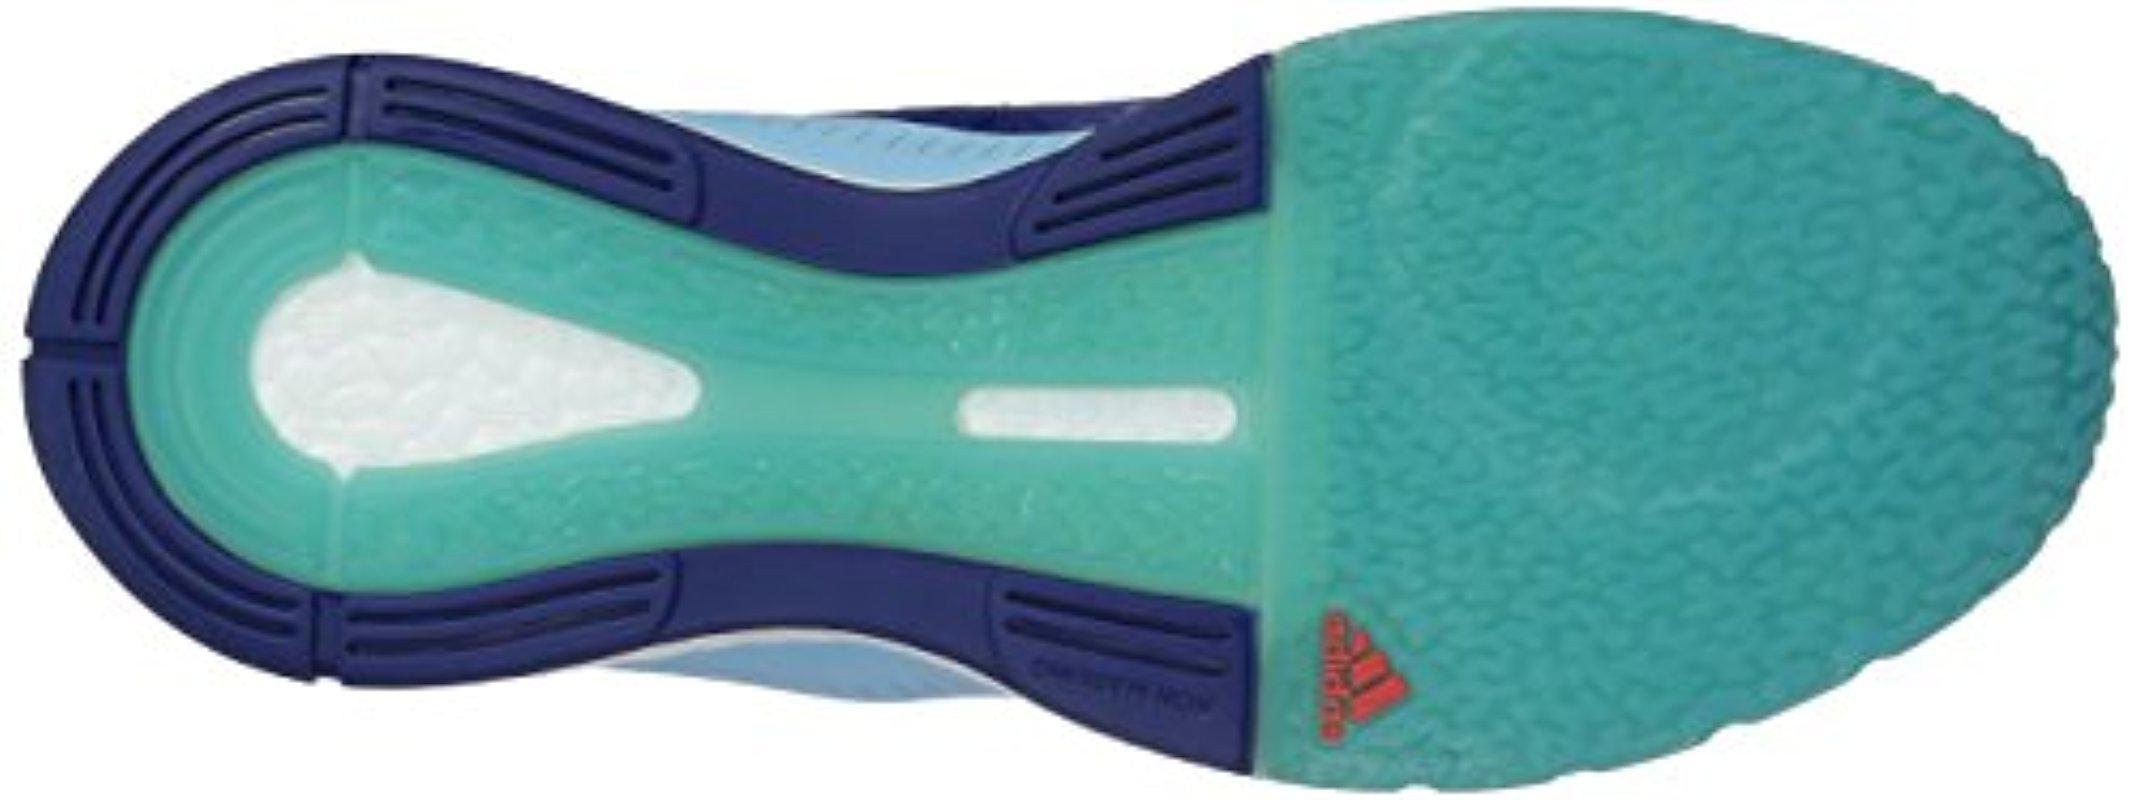 Lyst - adidas Originals Adidas Crazyflight X Mid Volleyball Shoes in ... 57ebdd335